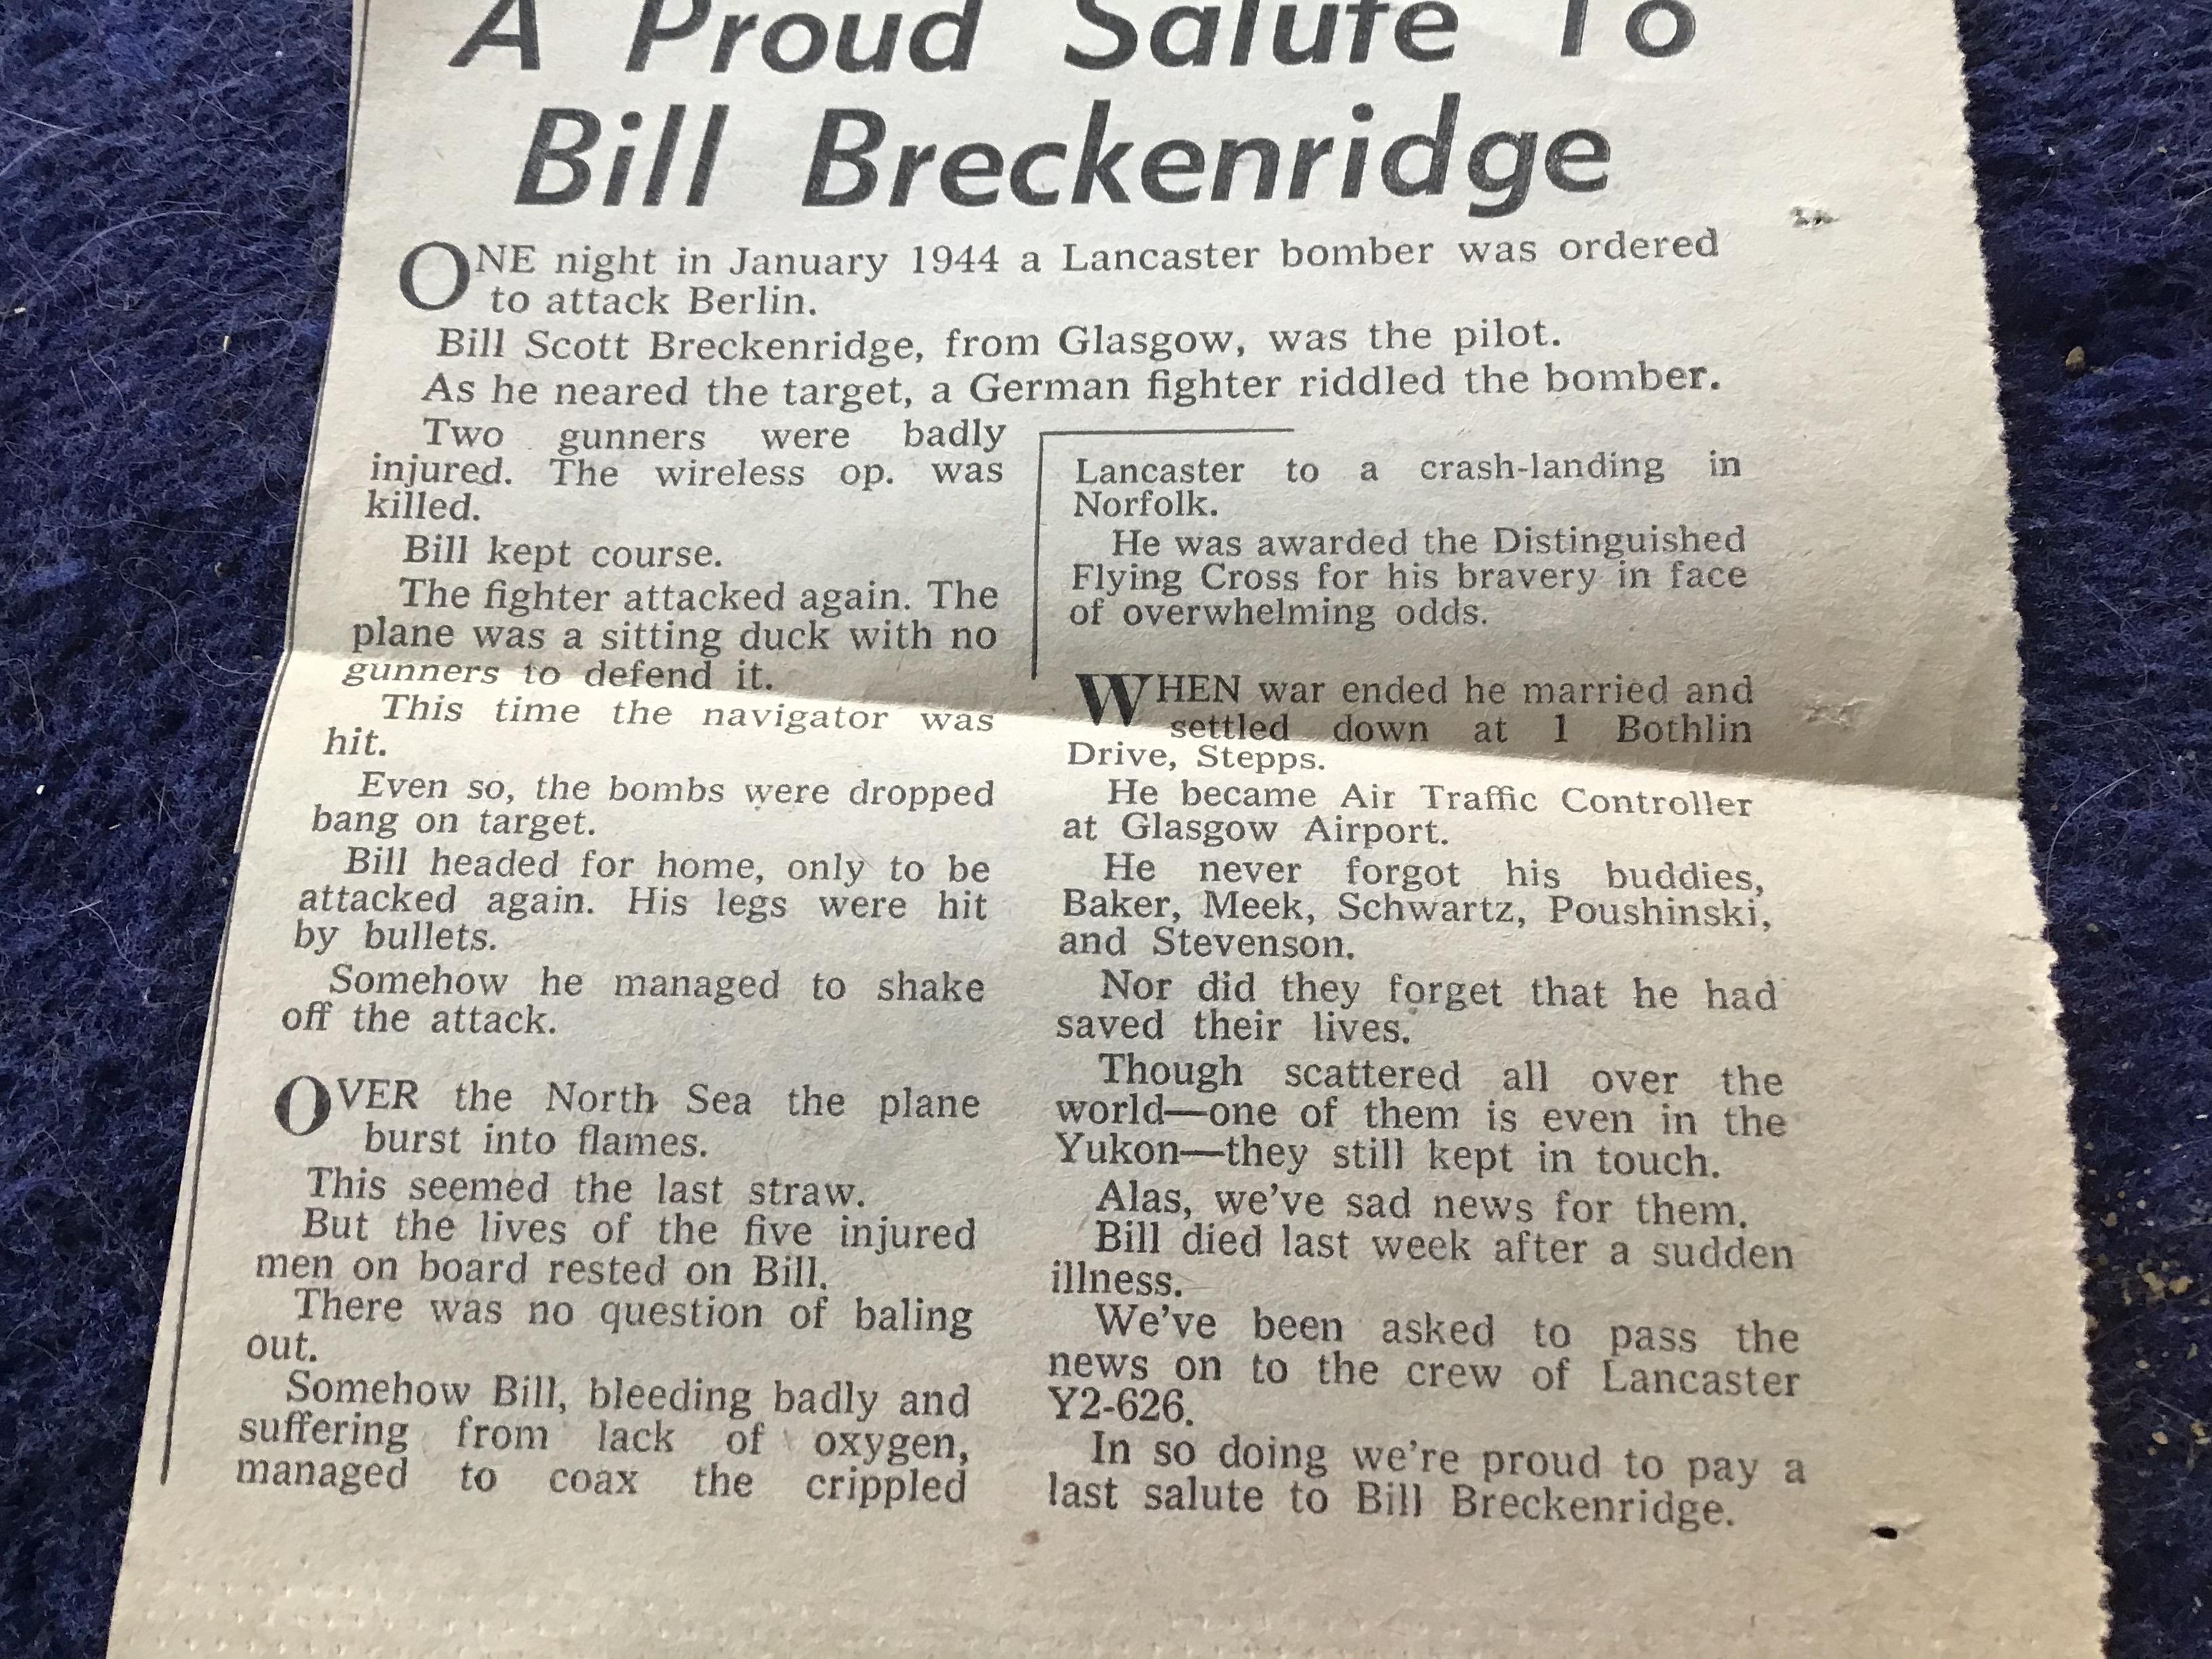 BILL BRECKENRIDGE